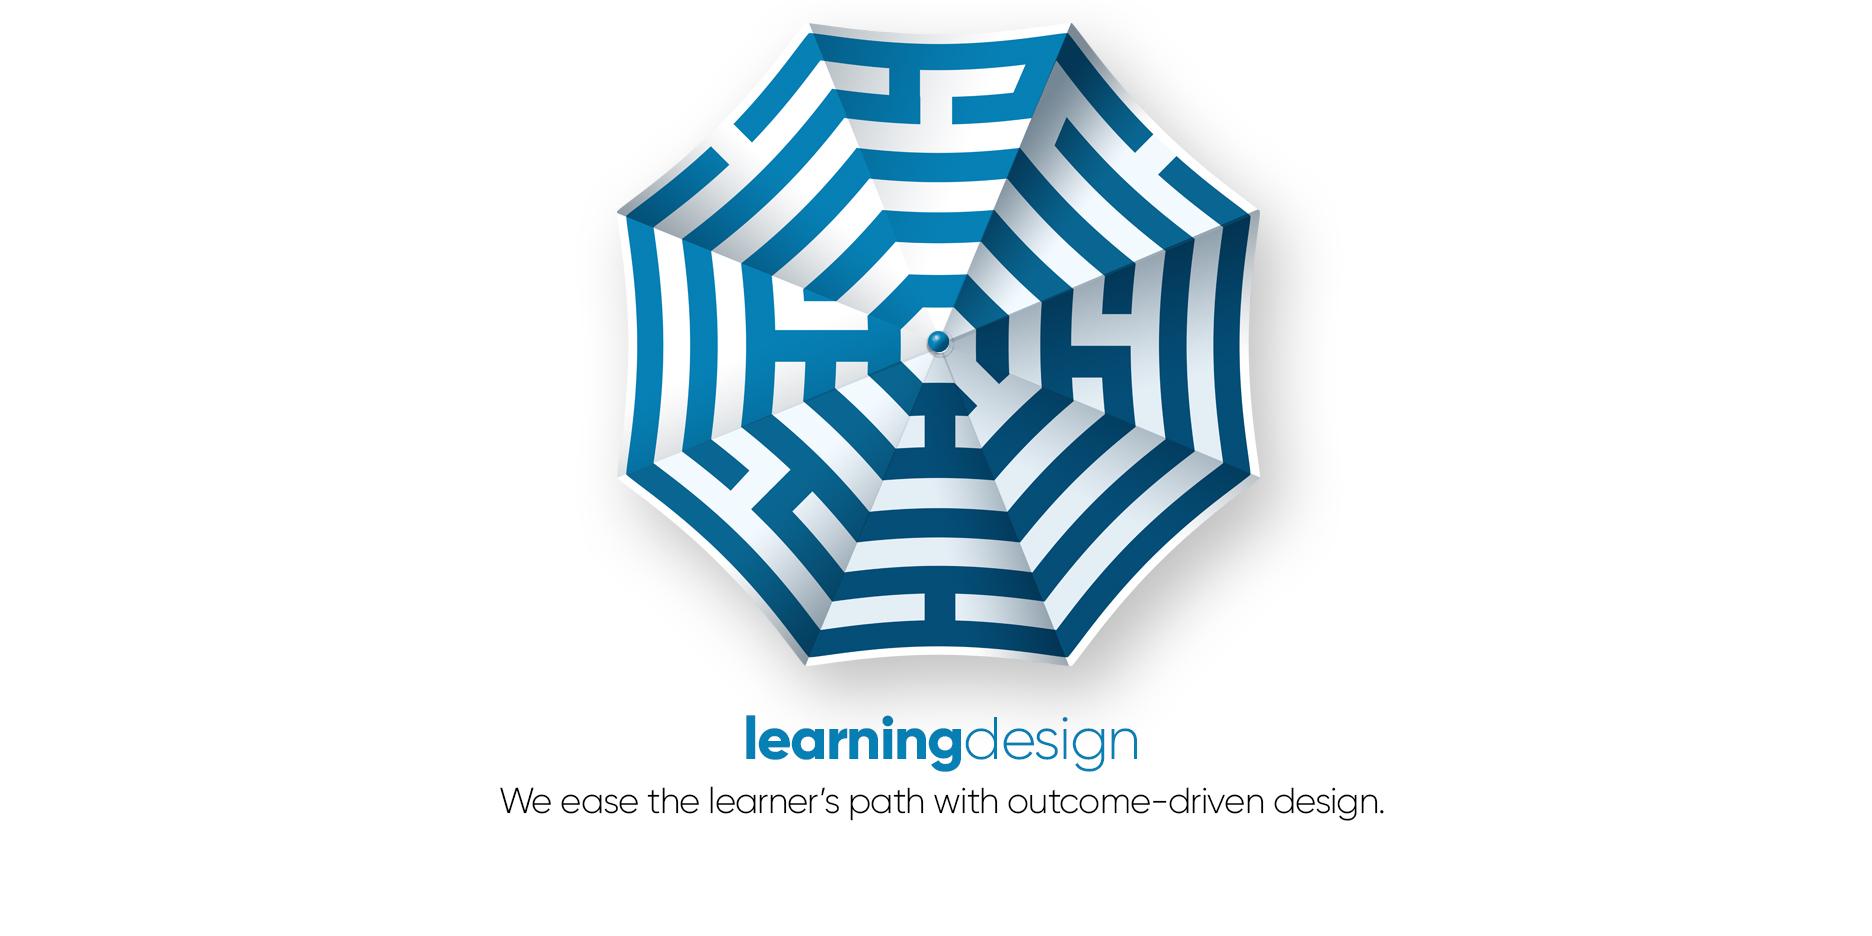 LEARNING_DESIGN_05.jpg